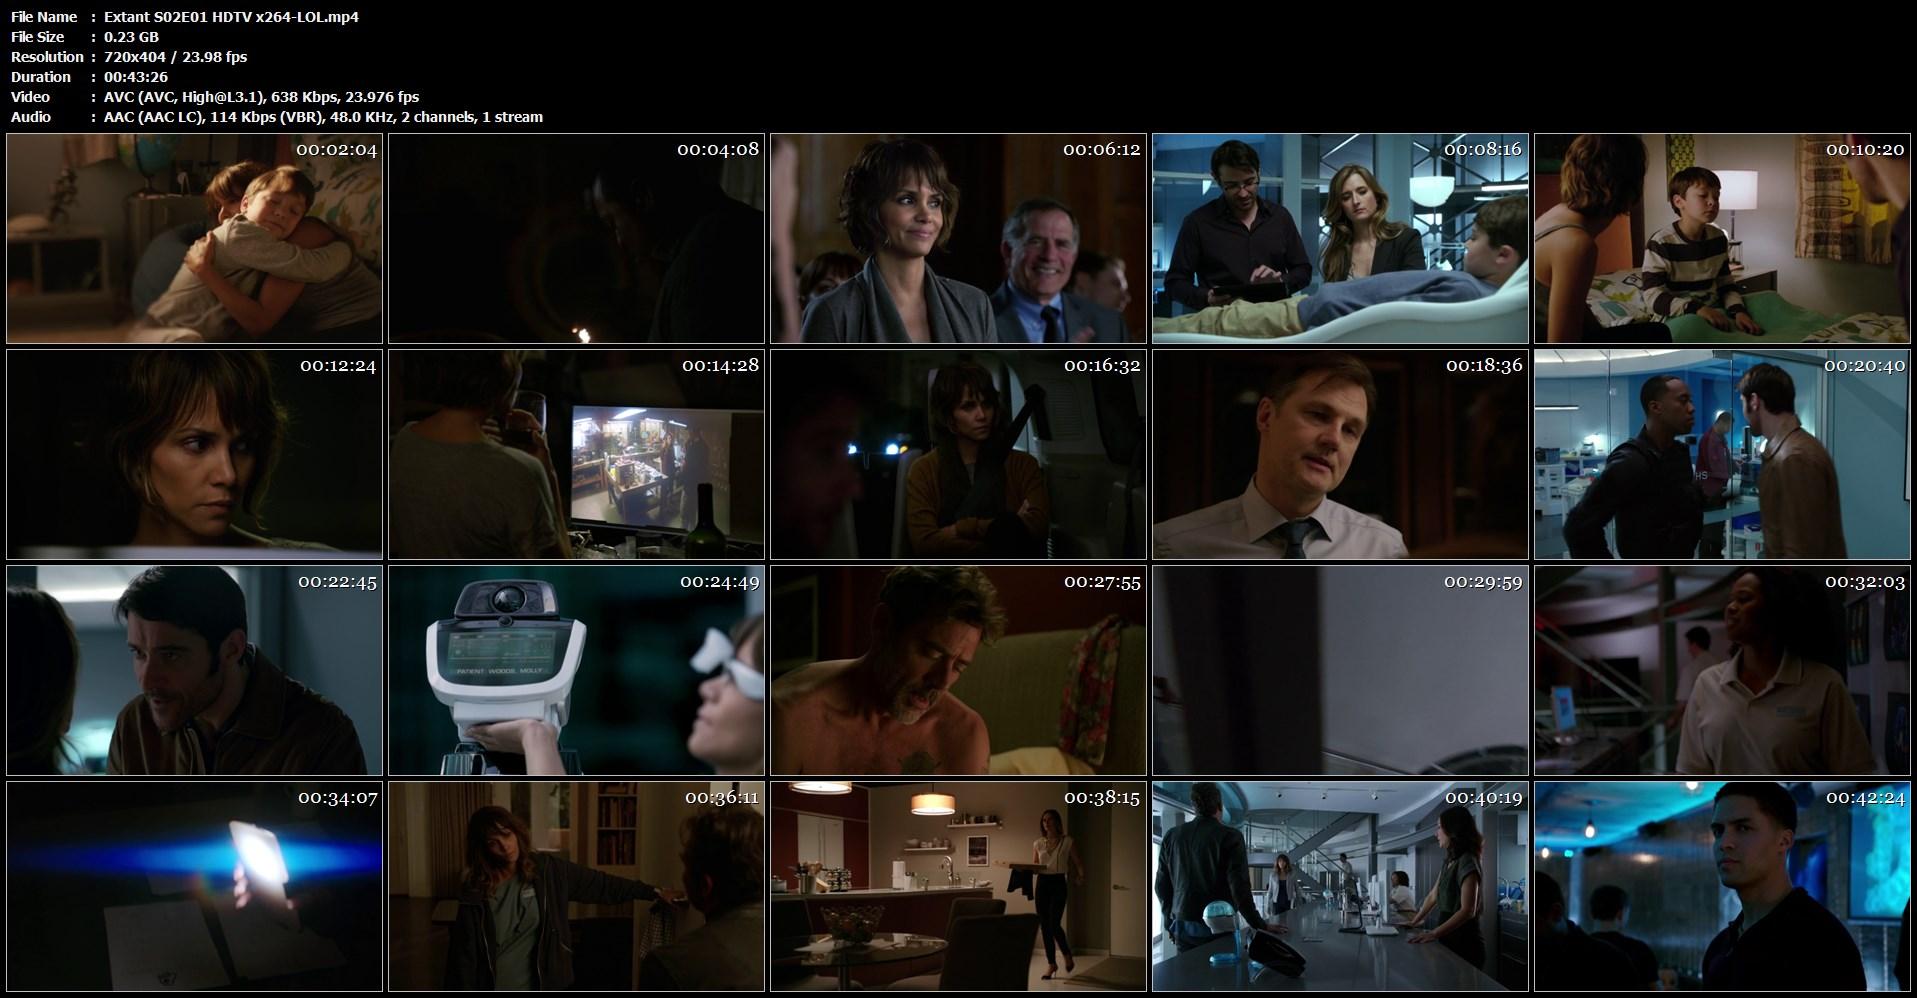 Extant_S02E01_HDTV_x264-LOLmp4.jpg